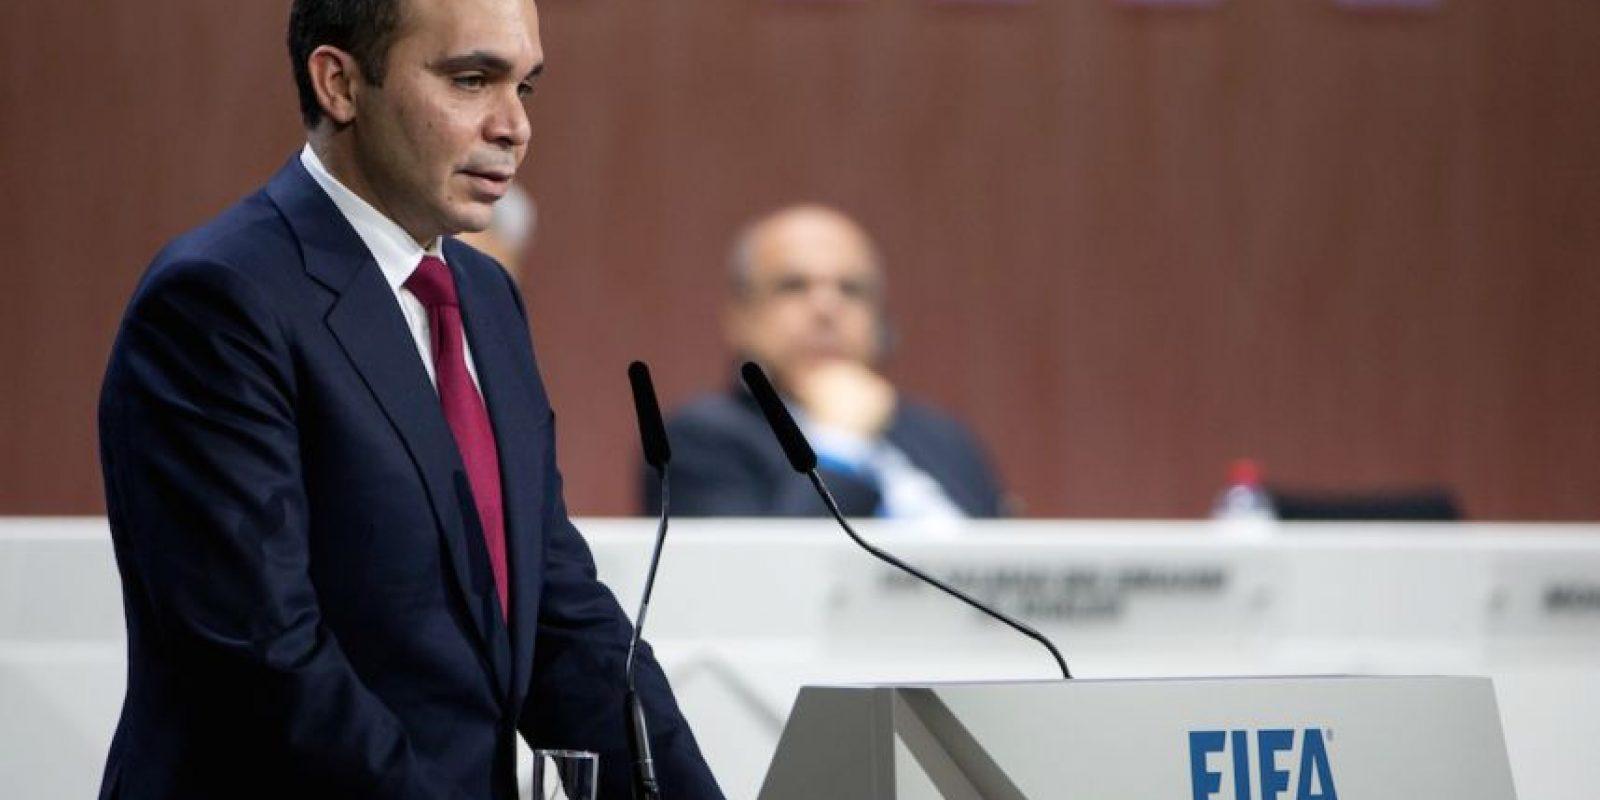 Al-Hussein consiguió 73 votos en la primera ronda de las votaciones por 133 de Blatter, pero el príncipe no quiso irse a la segunda vuelta y declinó. Foto:Getty Images